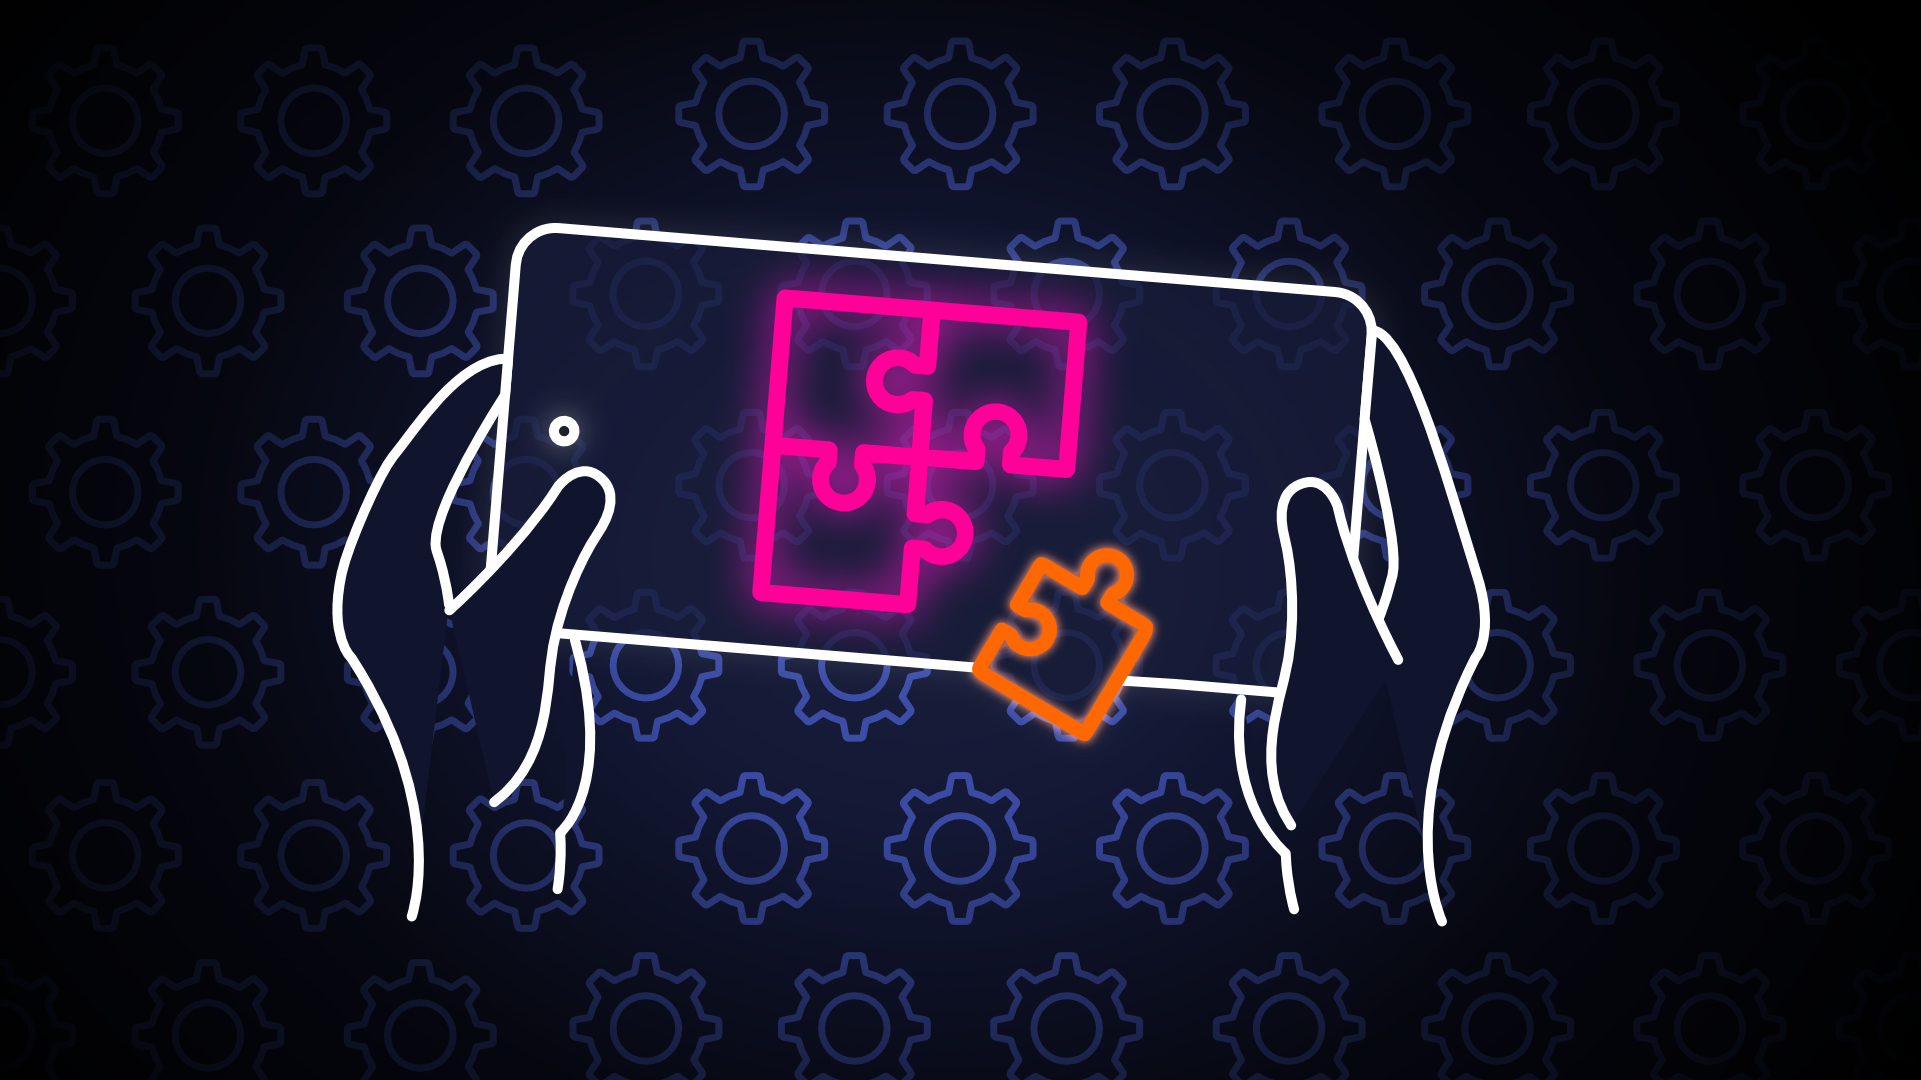 Les Meilleurs Jeux De Réflexion Gratuits Et Payants Sur Android à Jeux Des Erreurs Gratuit